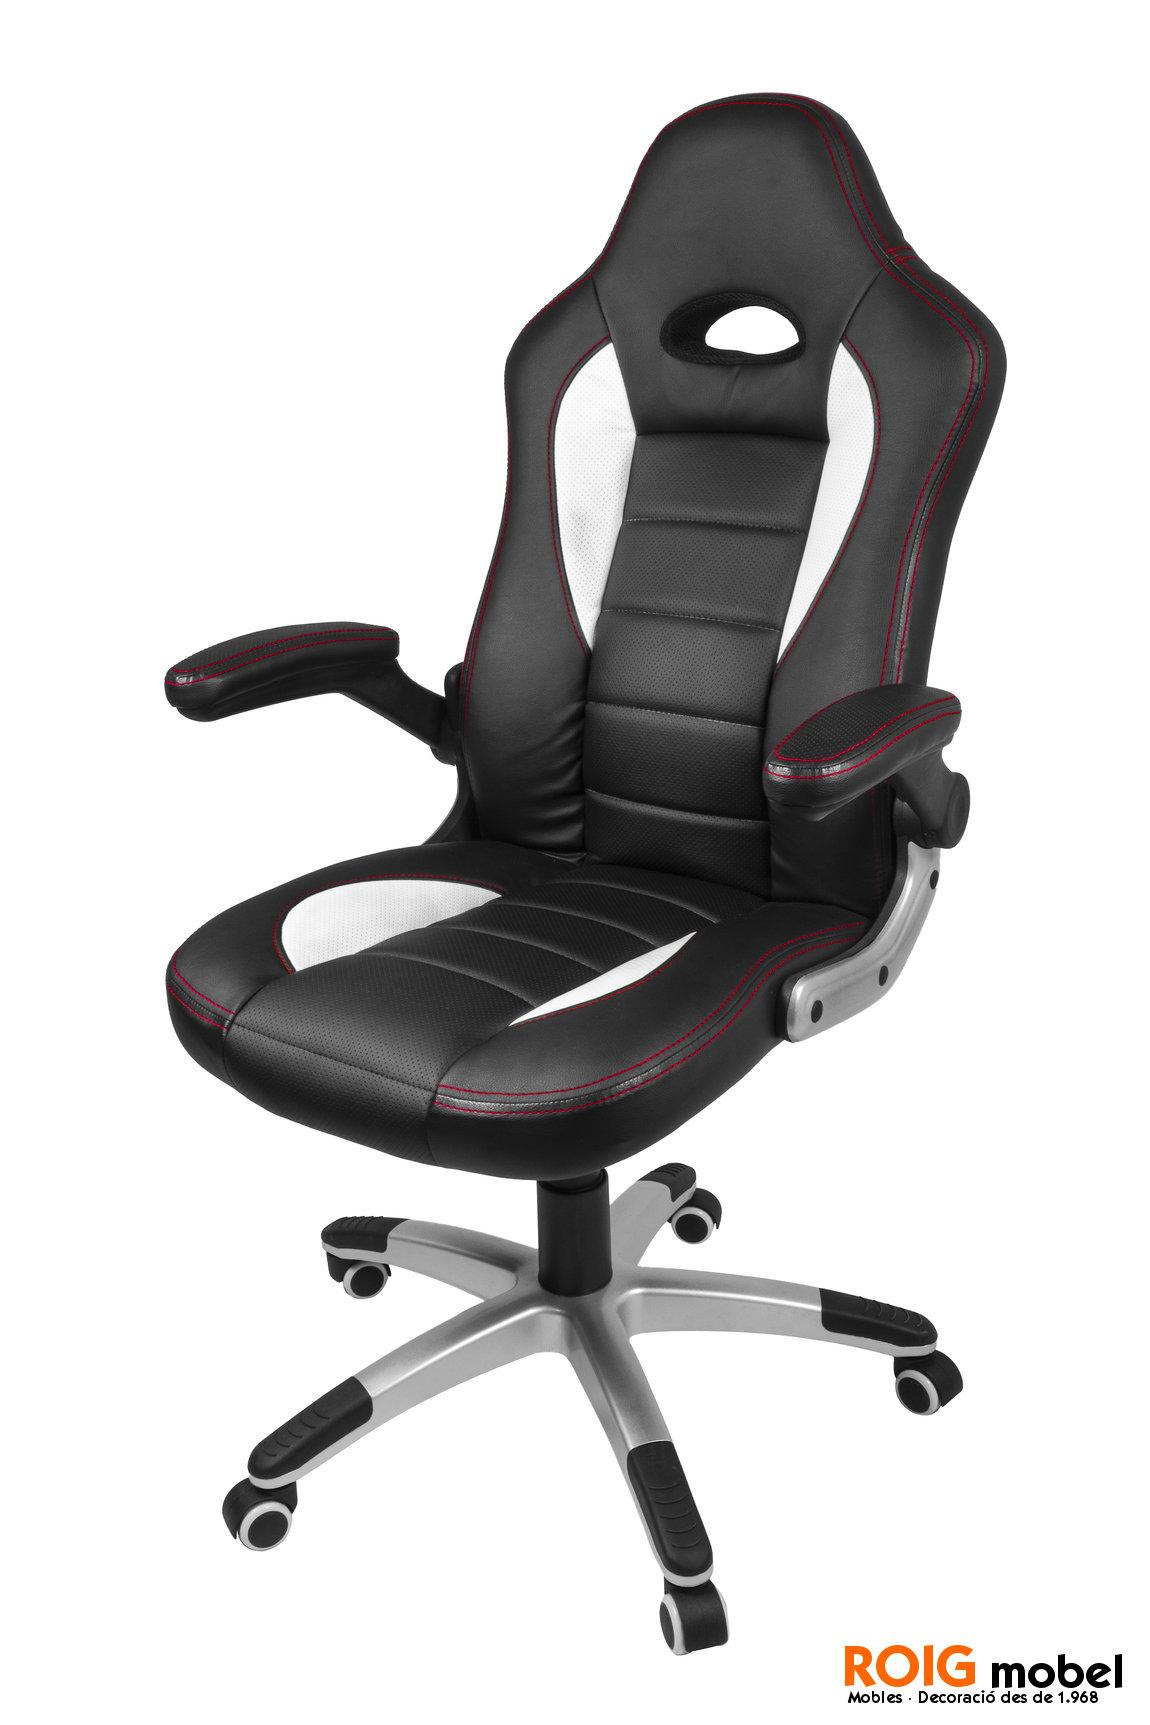 Sillas de oficina ii sillas y taburetes catalogo for Catalogo sillas oficina